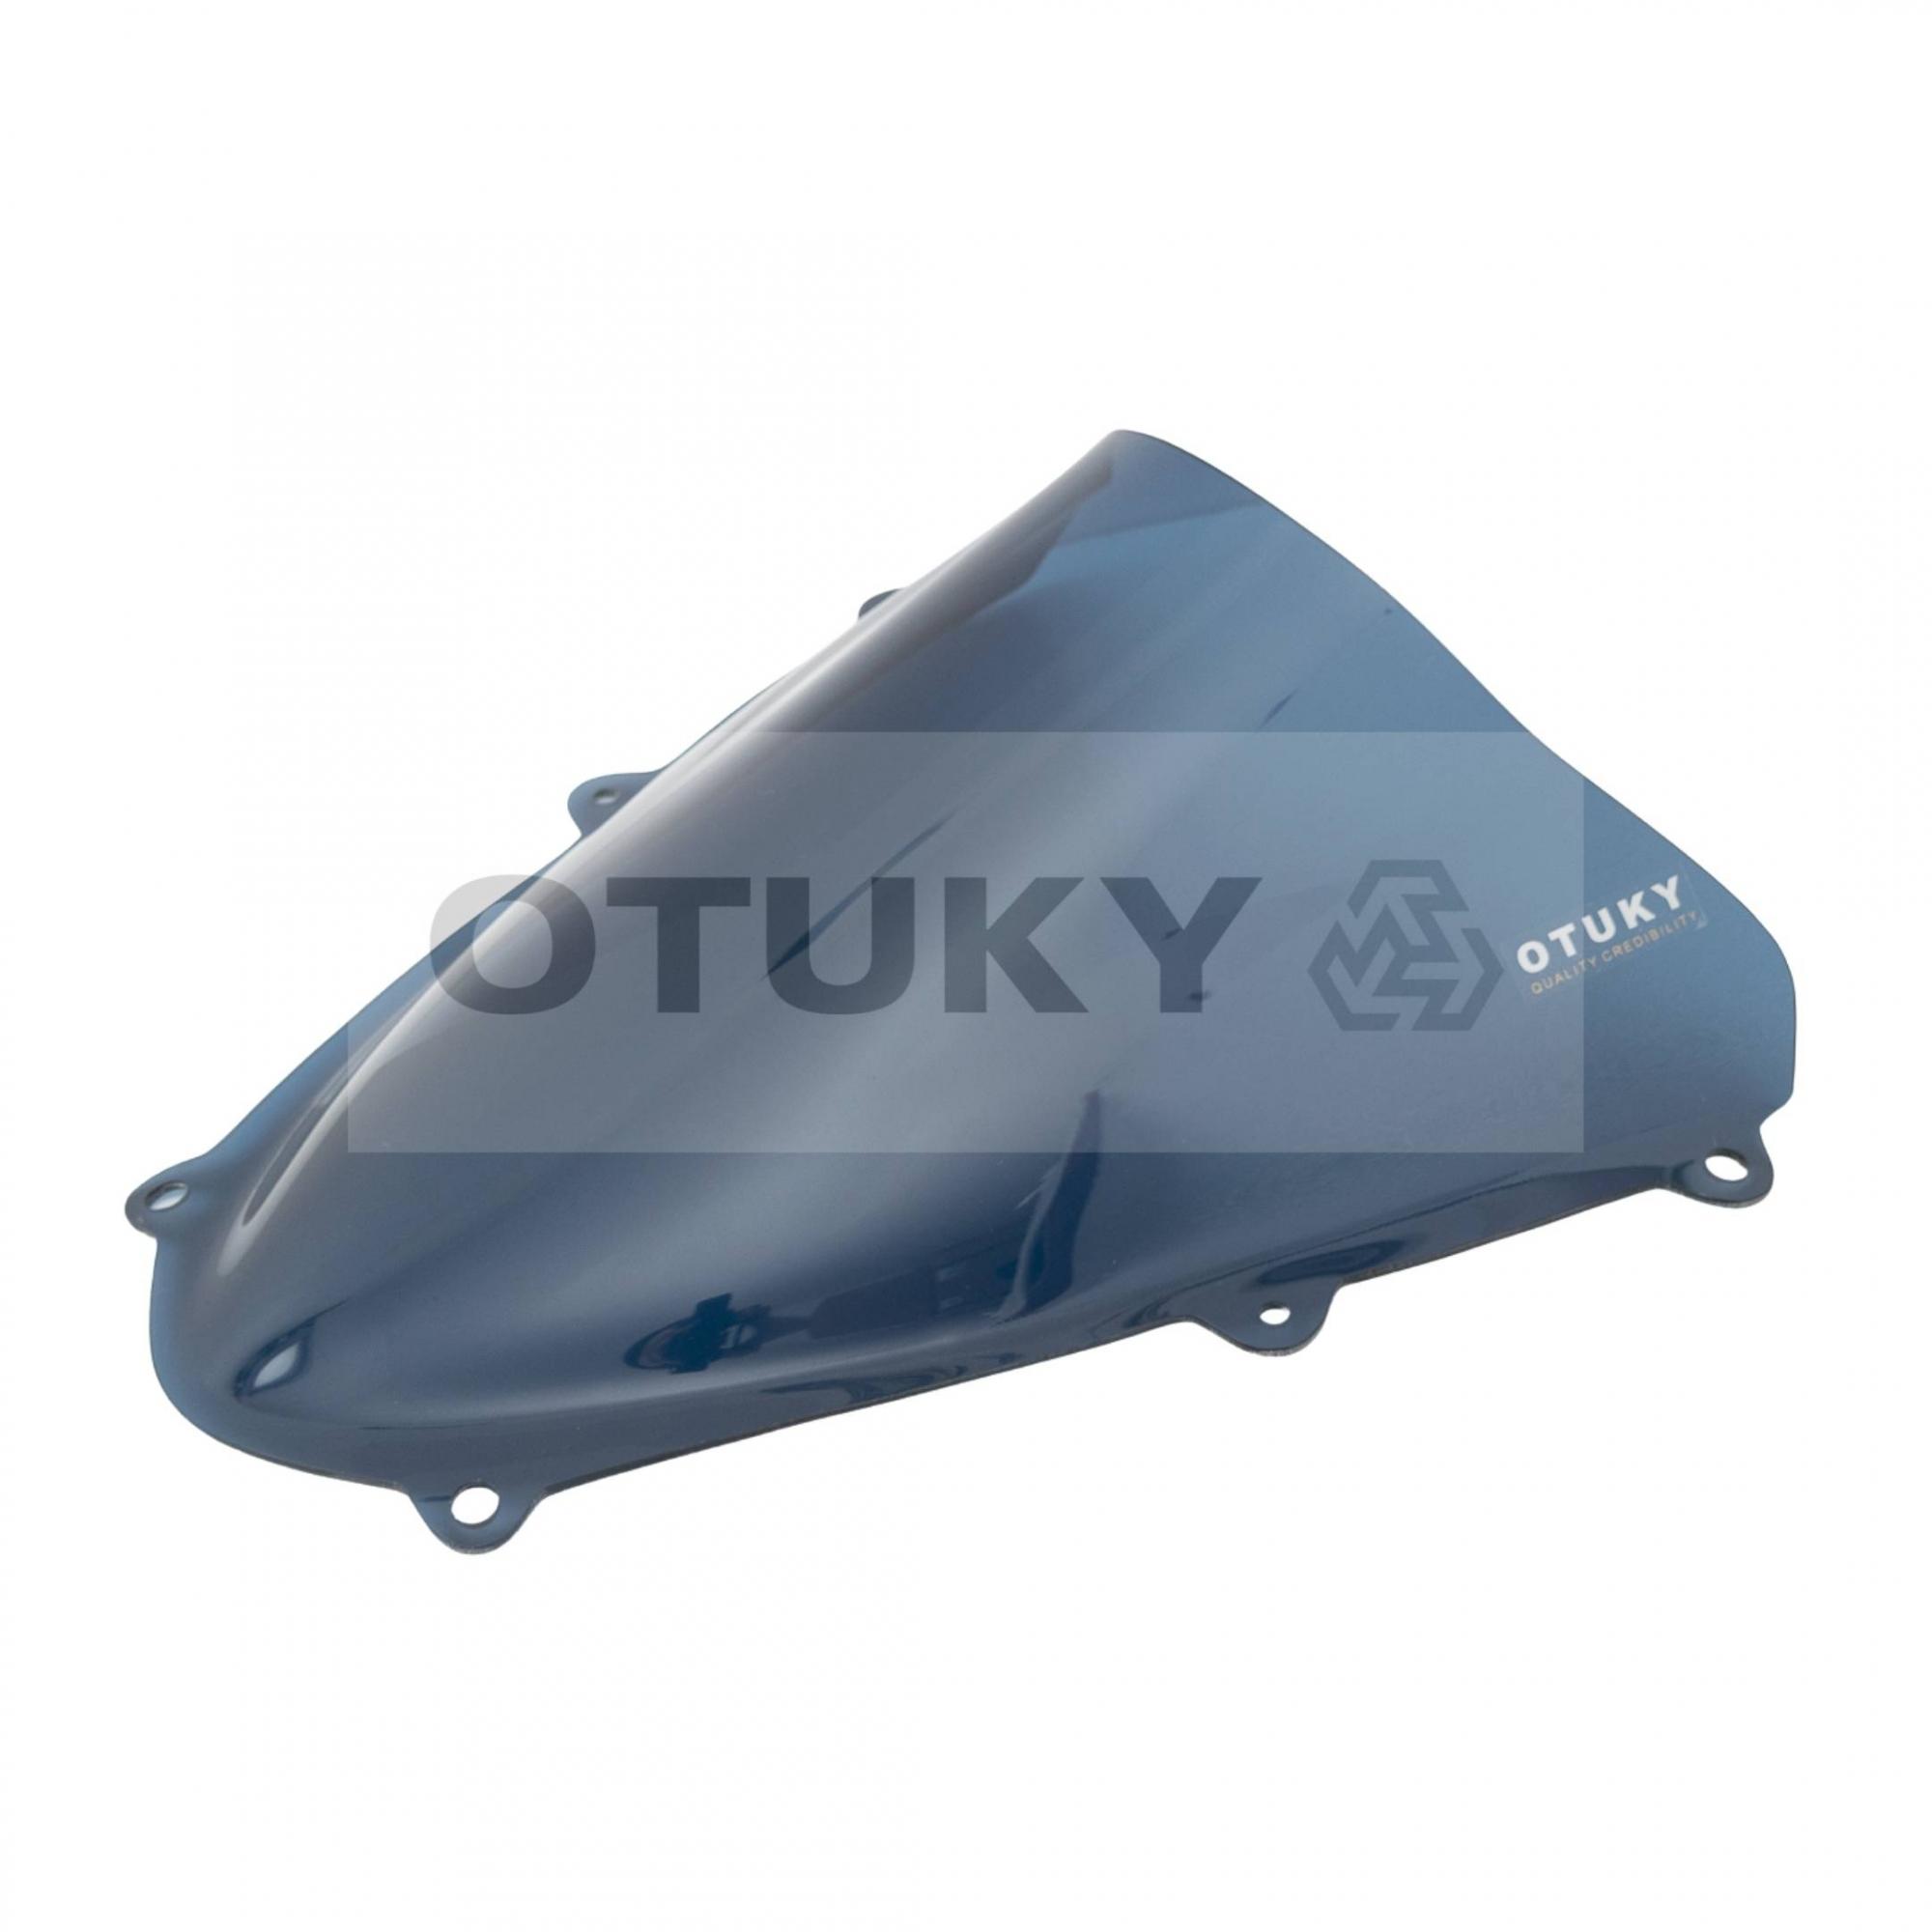 Bolha para Moto Srad 1000 Gsx-R 2011 2012 2013 2014 2015 2016 2017 Otuky Fumê Escuro